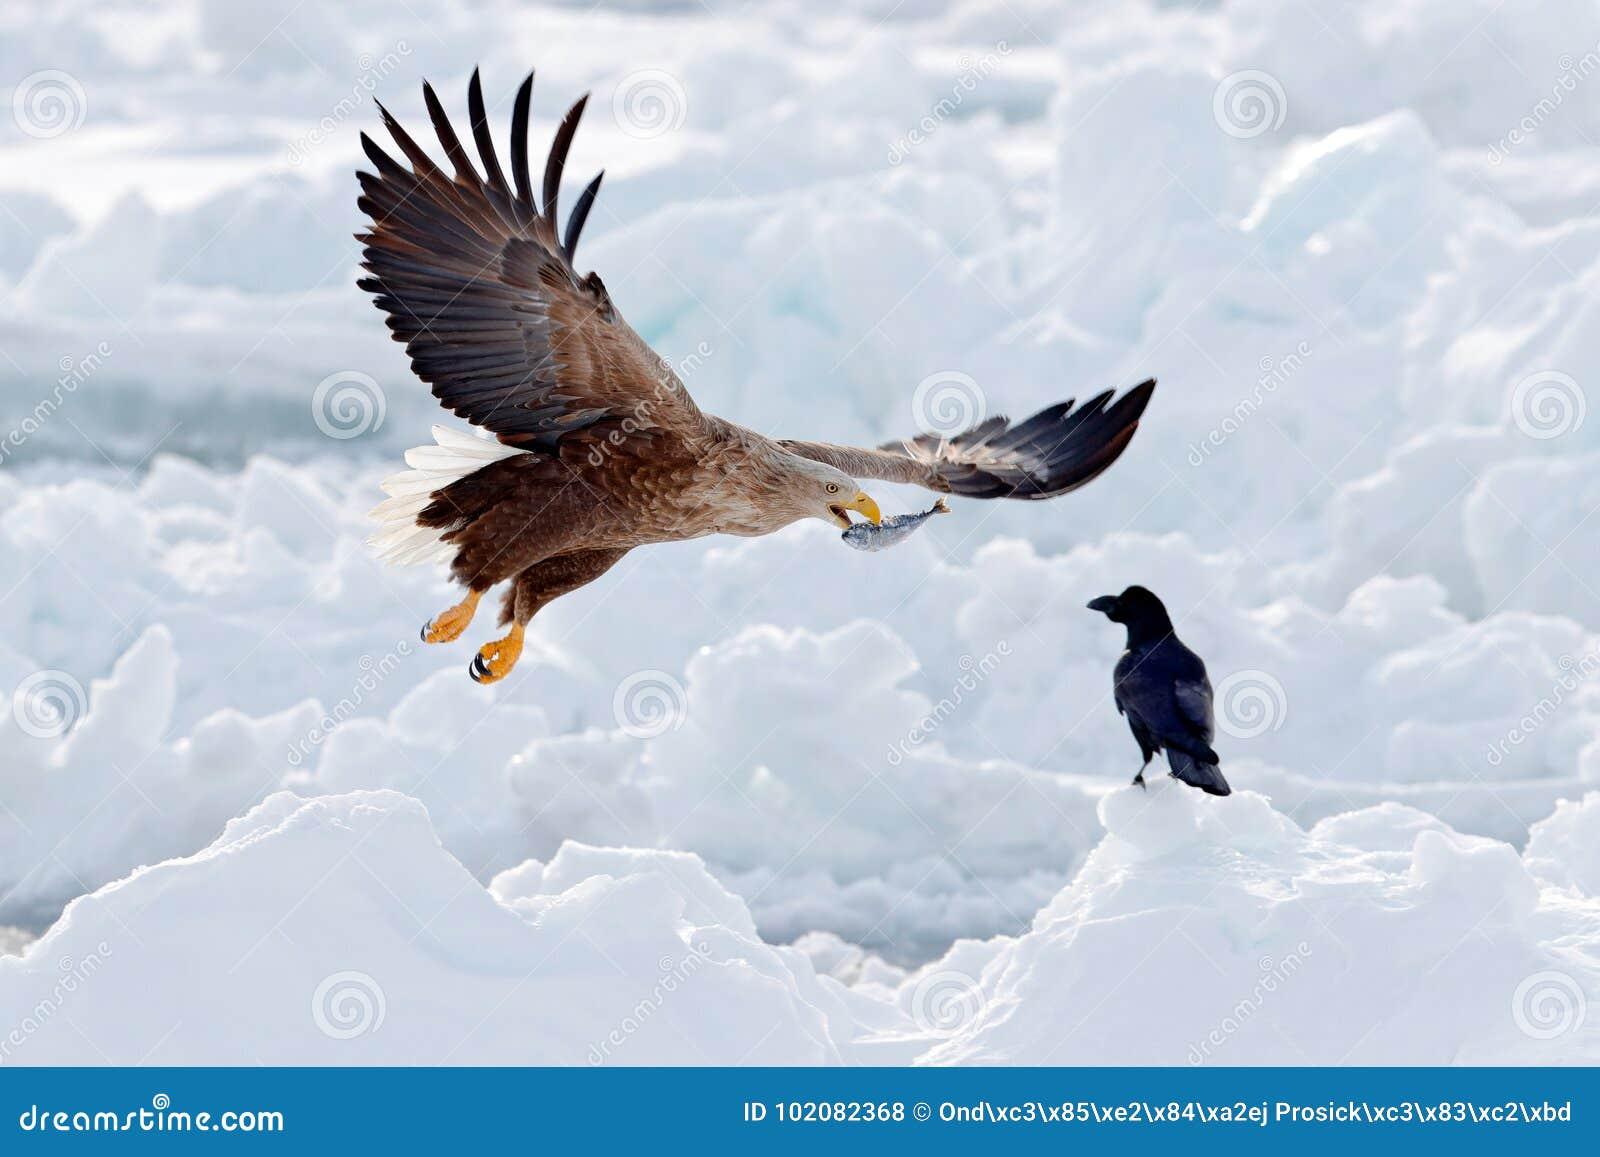 Lotta di Eagle con il pesce Scena di inverno con la rapace due Grandi aquile, mare della neve Aquila dalla coda bianca di volo, a